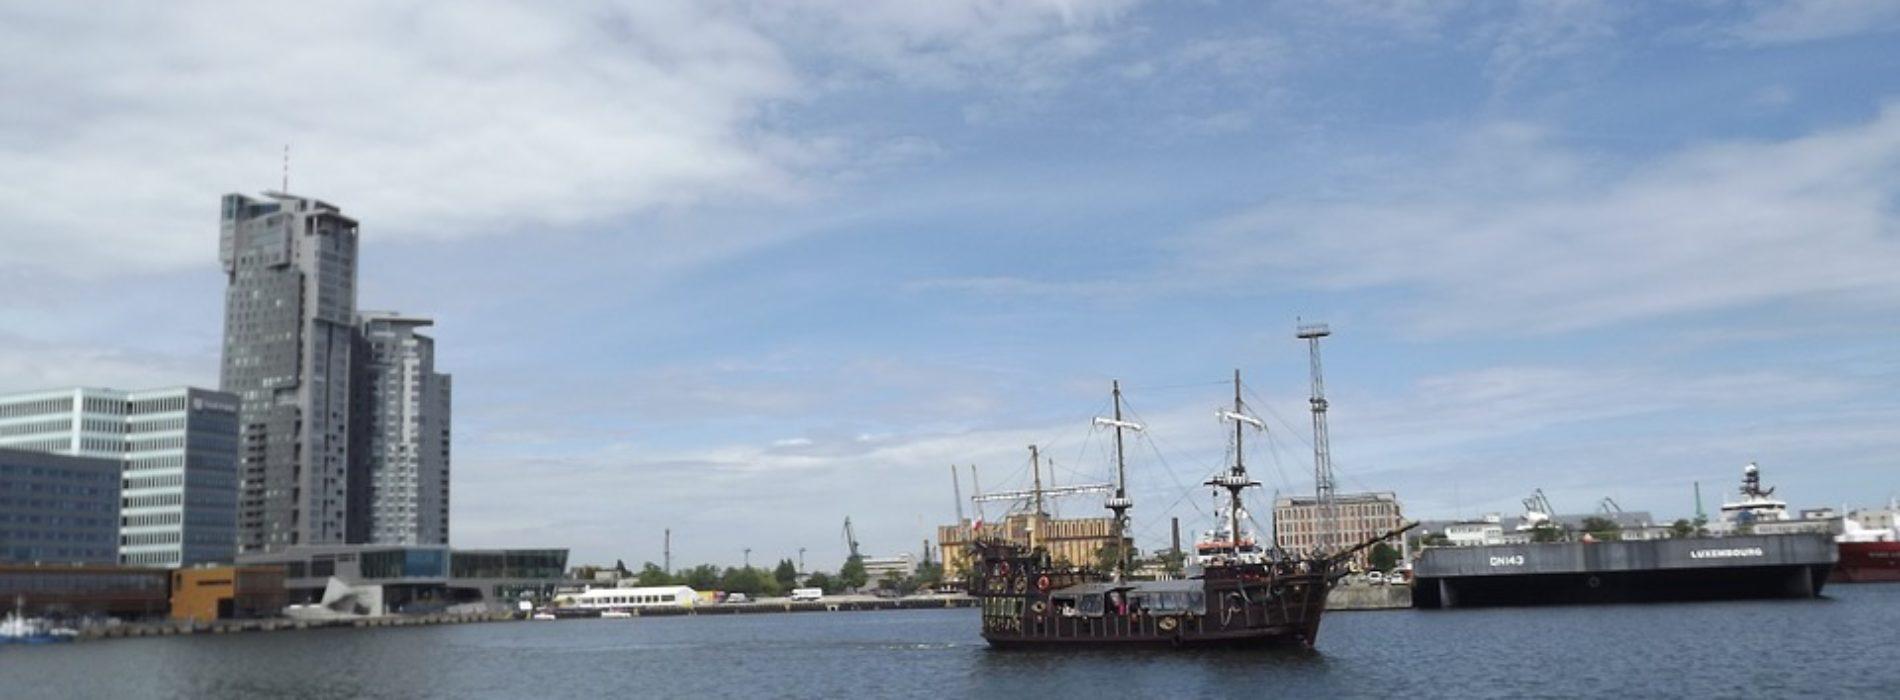 Gdynia – nie słabnie zainteresowanie ofertami z rynku pierwotnego